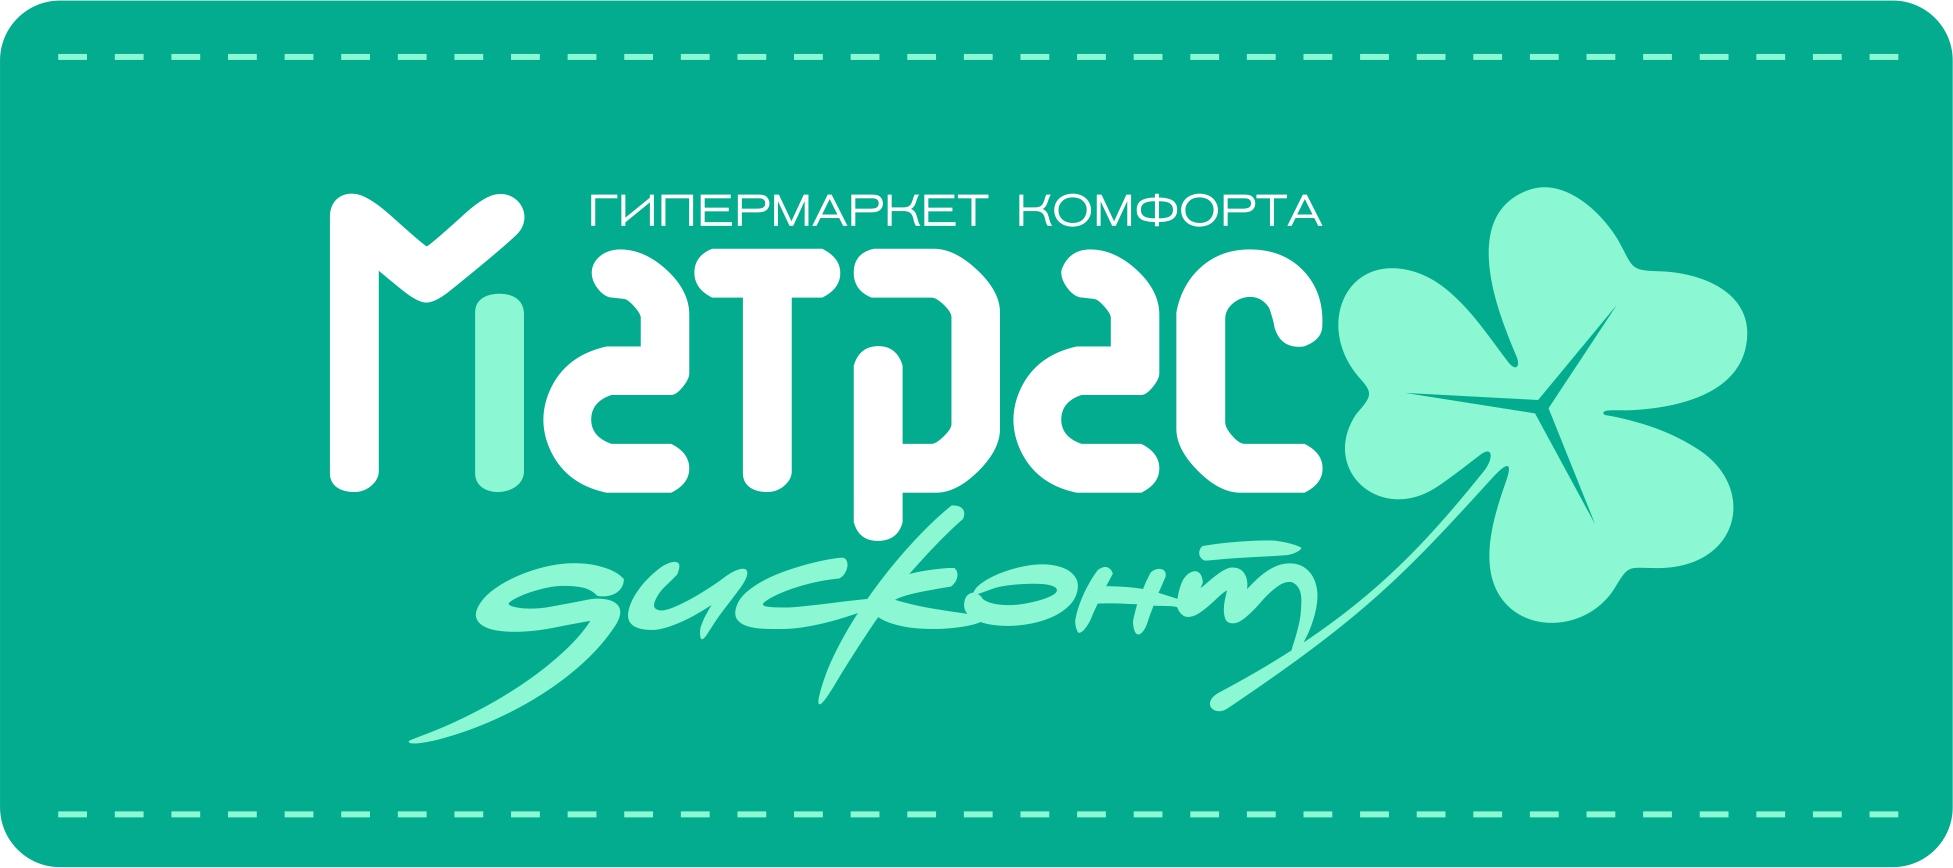 Логотип для ИМ матрасов фото f_2695c879263e5ec7.jpg